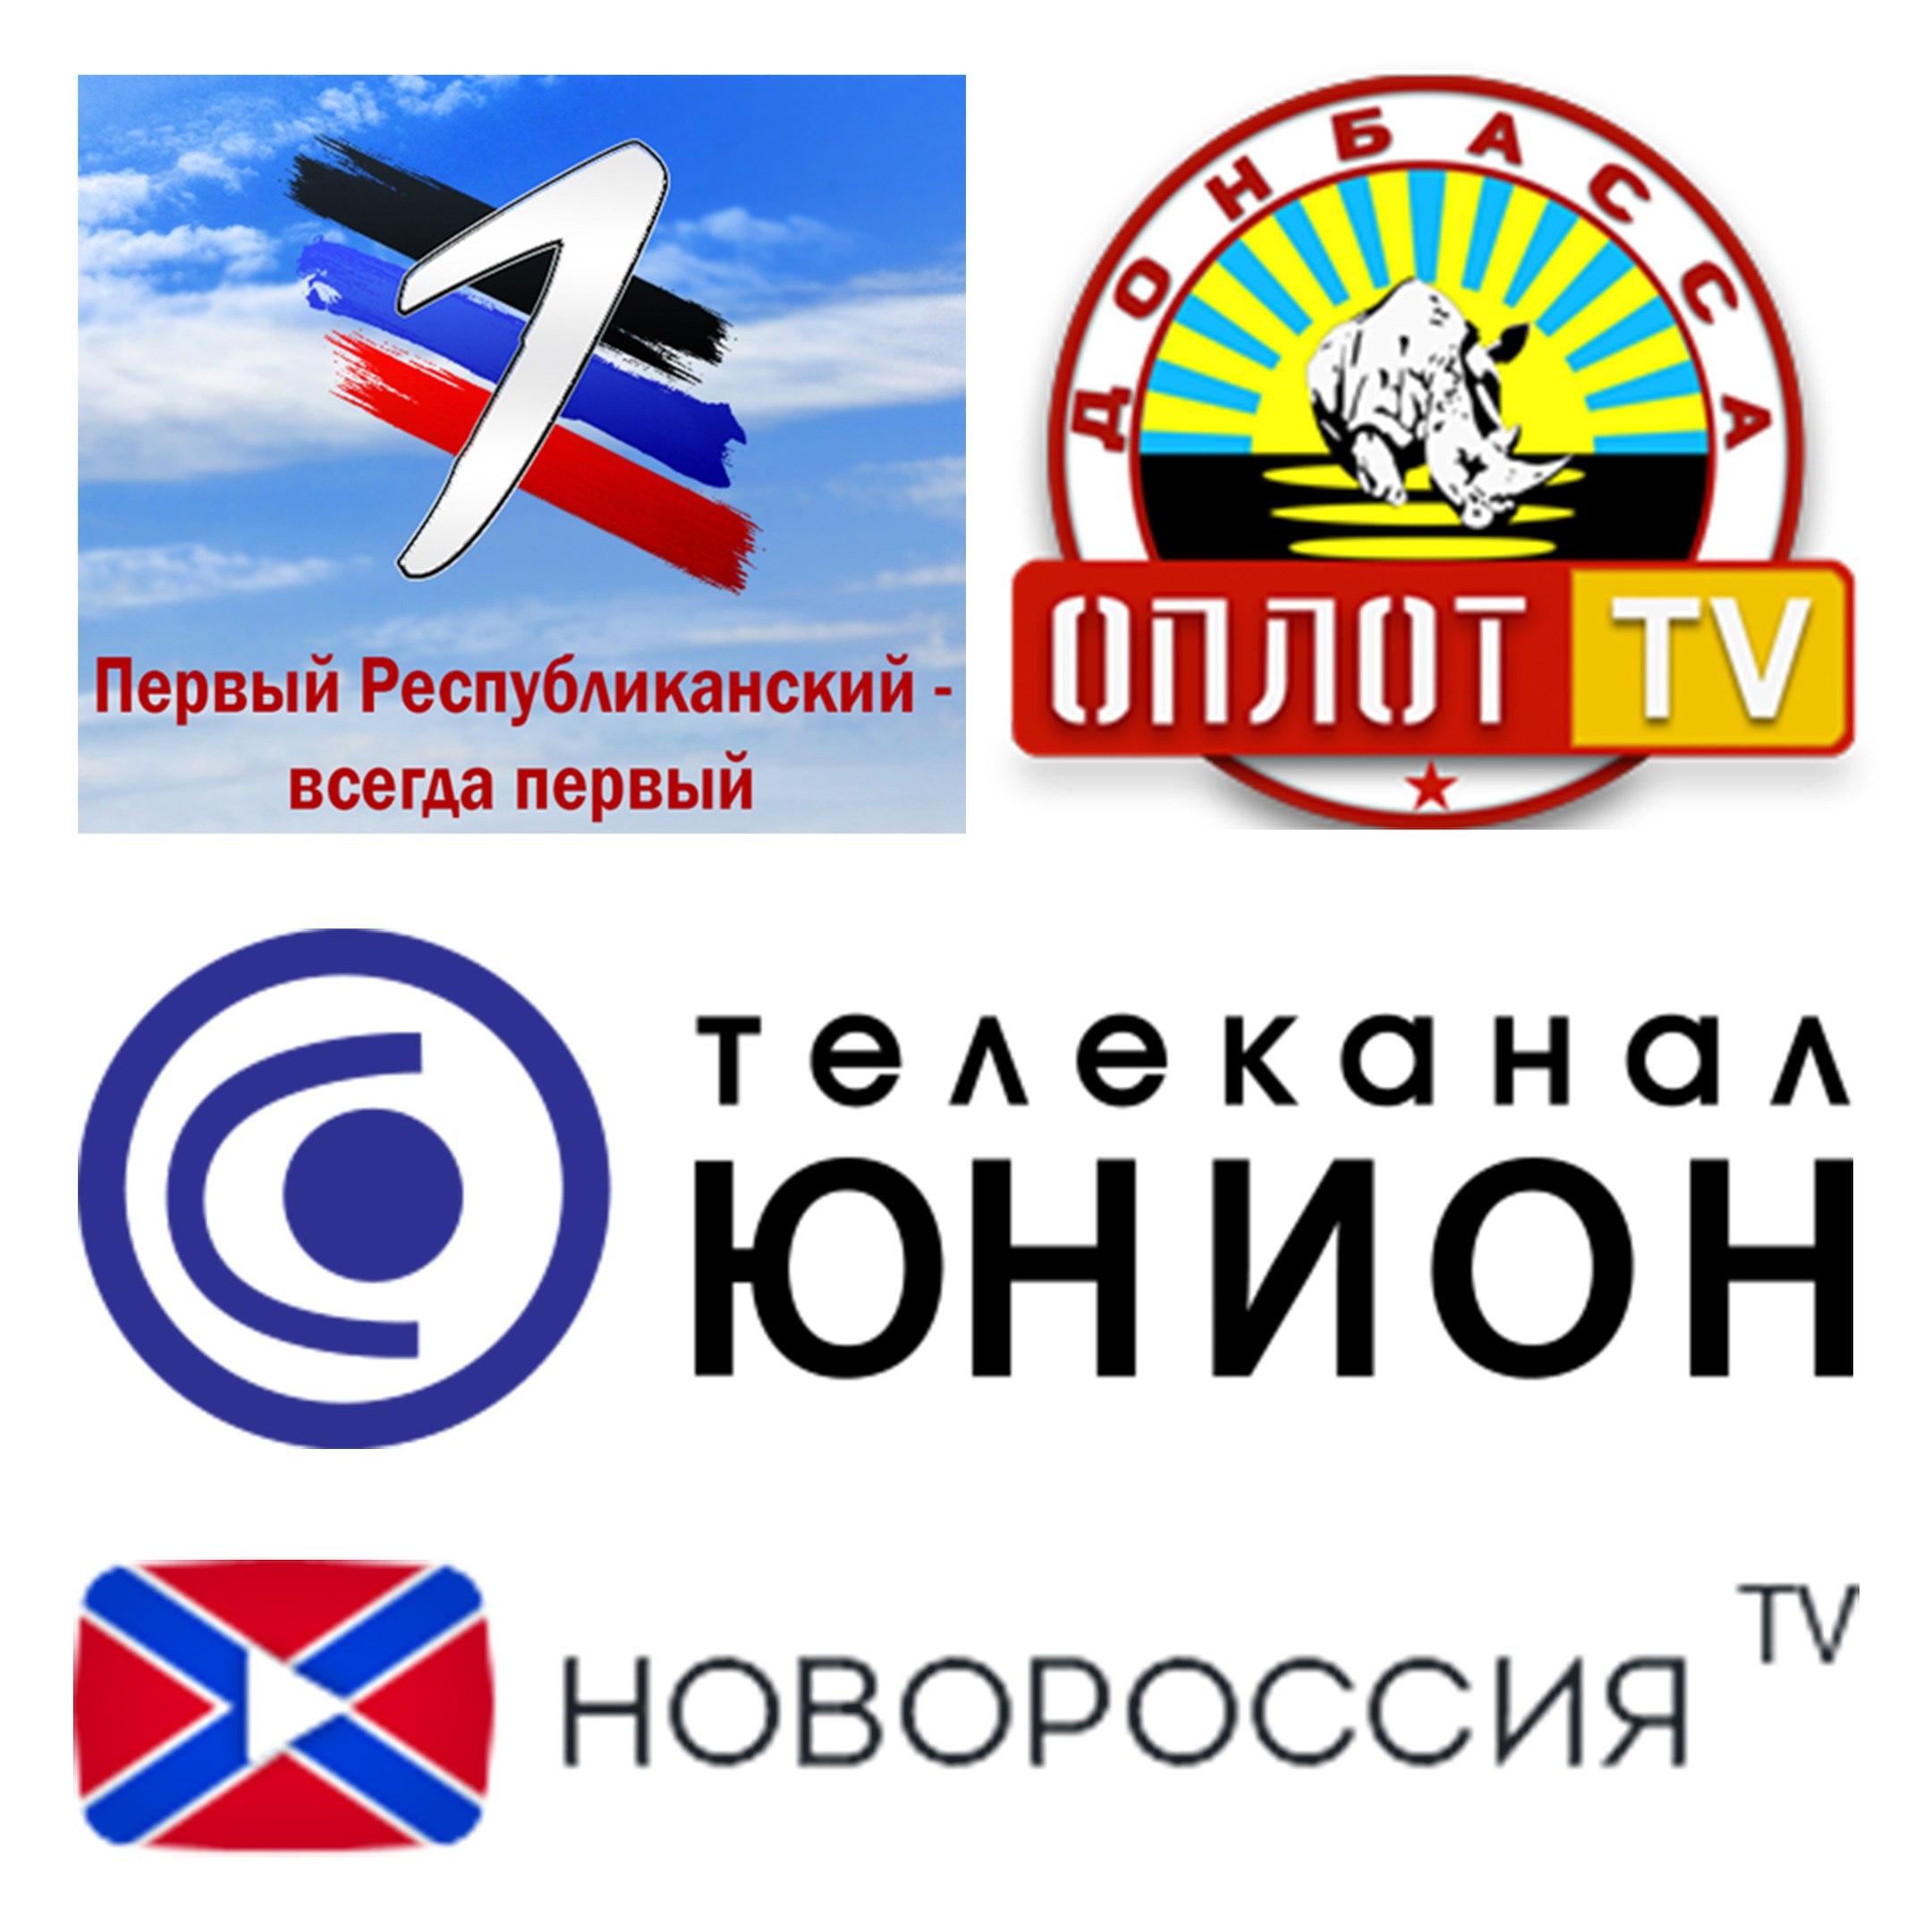 В ДНР изменят сетку цифрового вещания